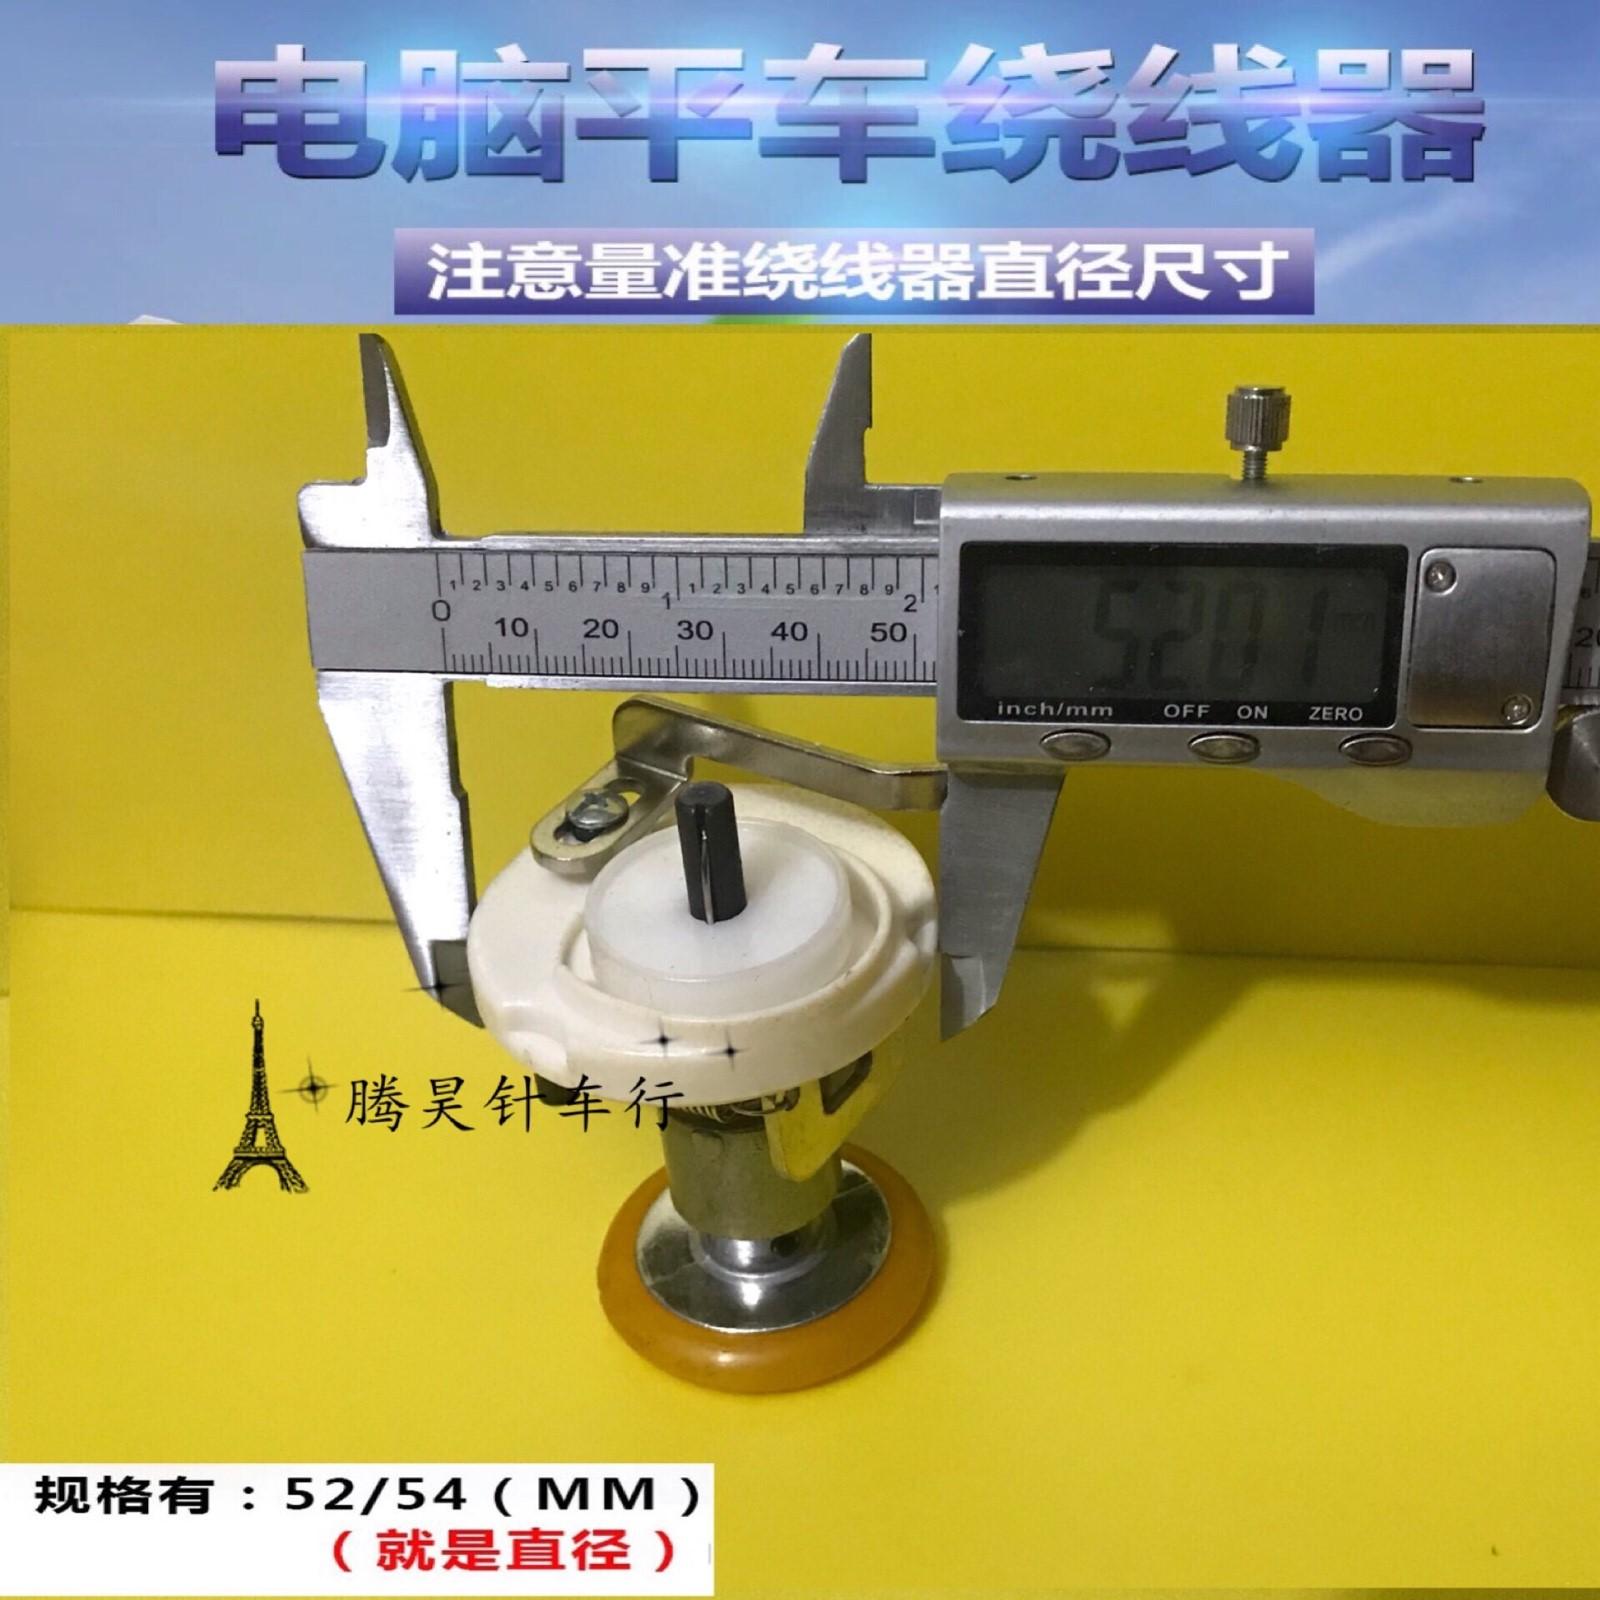 绕线缝纫机电脑车胶圈倒线器工业器胶圈电脑平车打线器橡胶圈包邮